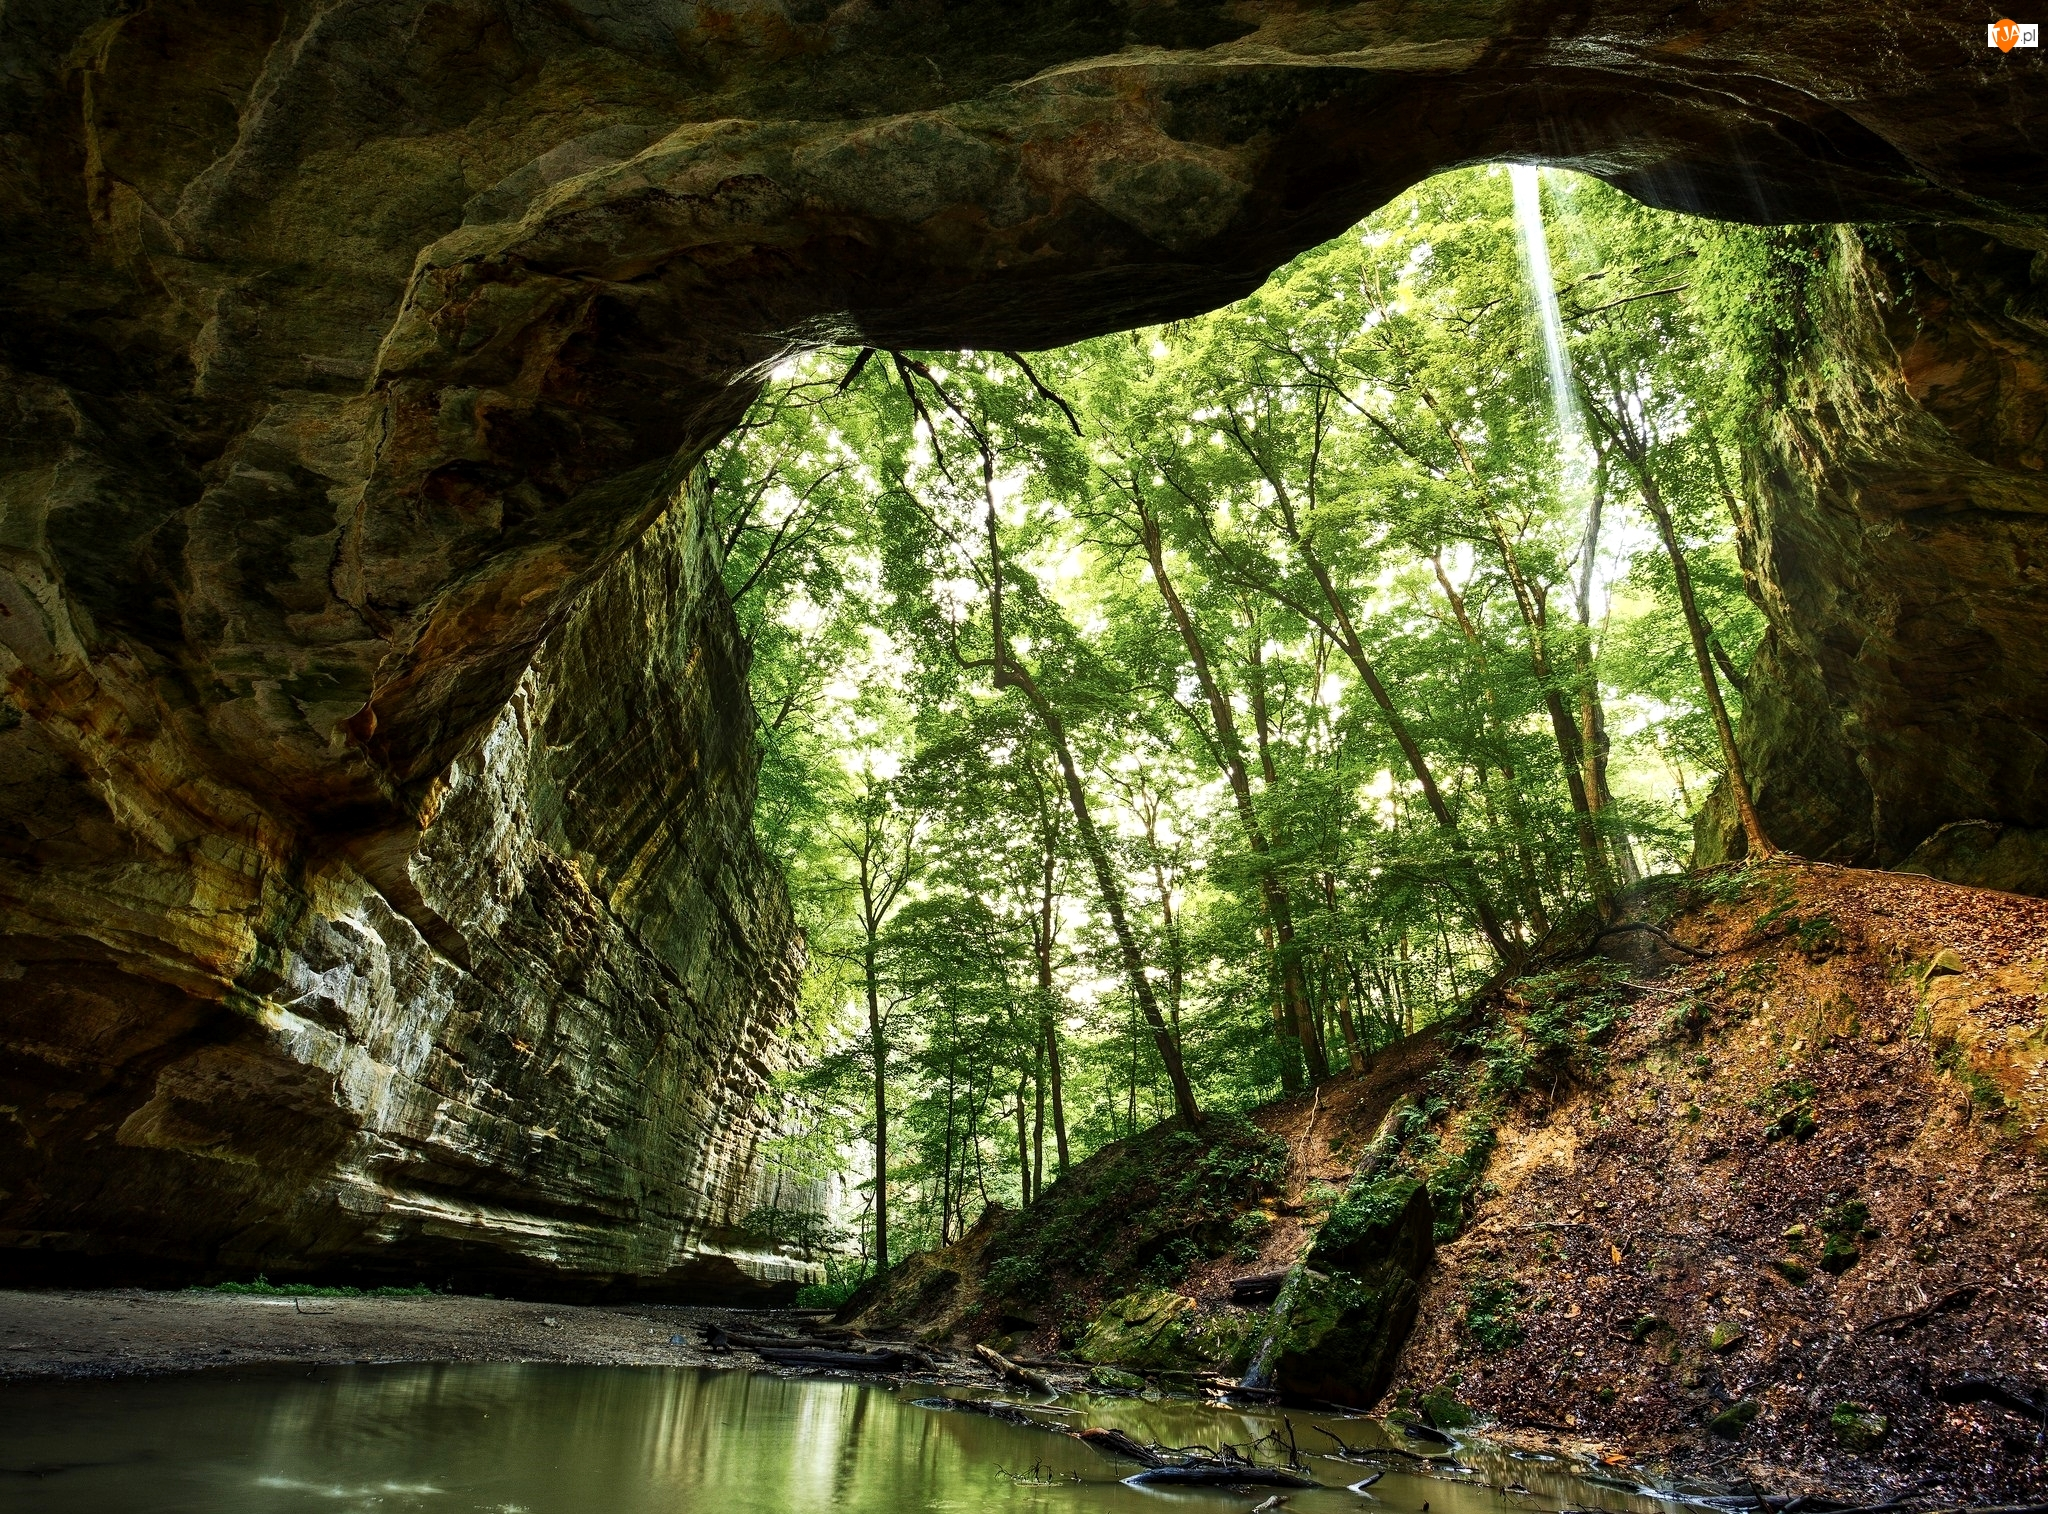 Kanion, Park stanowy Starved Rock, Drzewa, Stany Zjednoczone, Skały, Stan Illinois